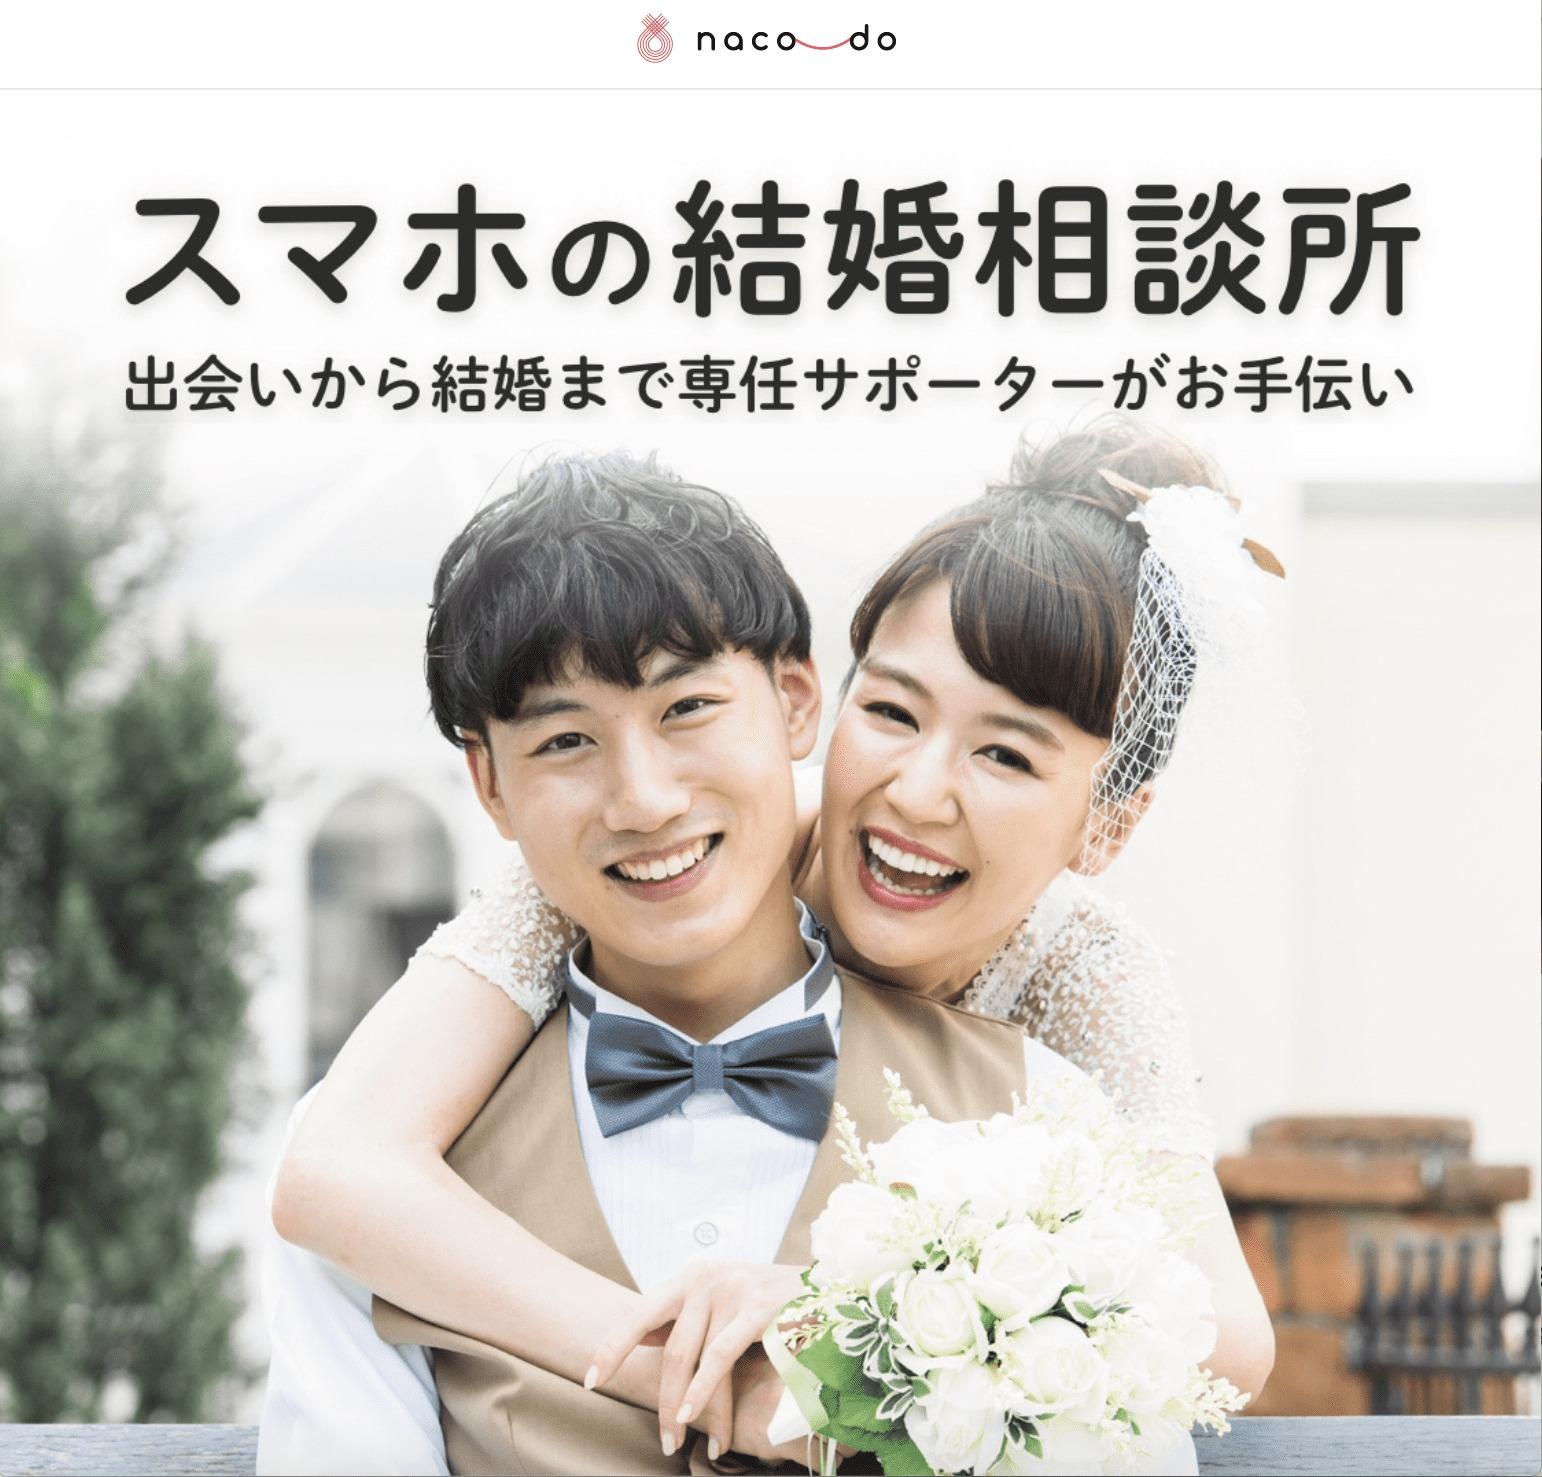 引きこもりでも婚活ができるオンライン婚活サービスnaco-do